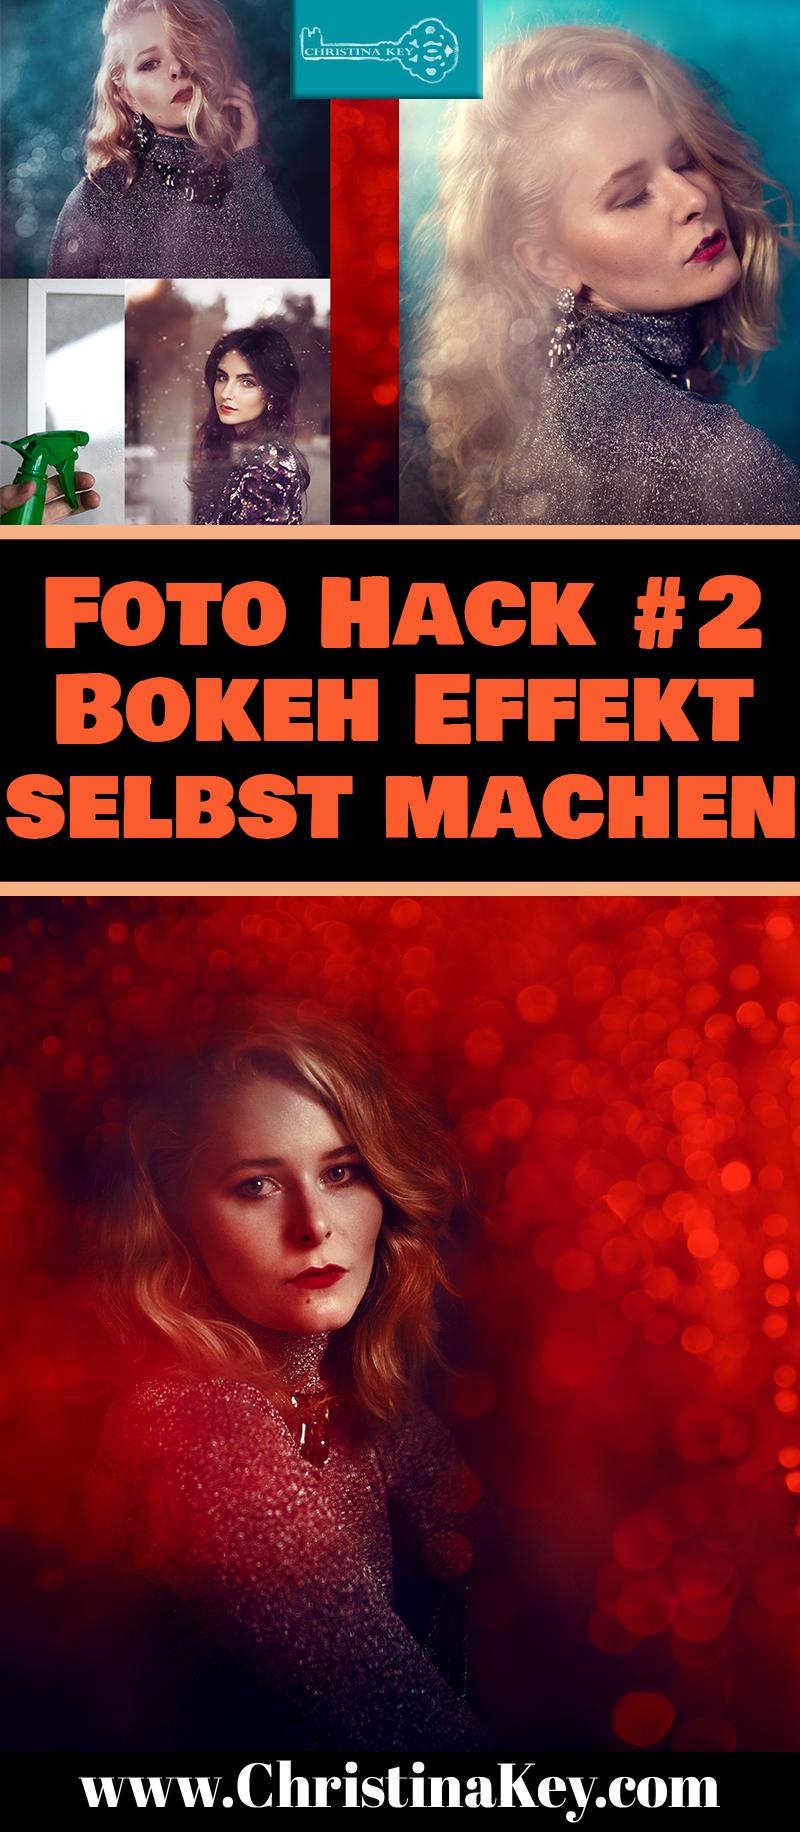 Bokeh Effekt Fotografie Hacks